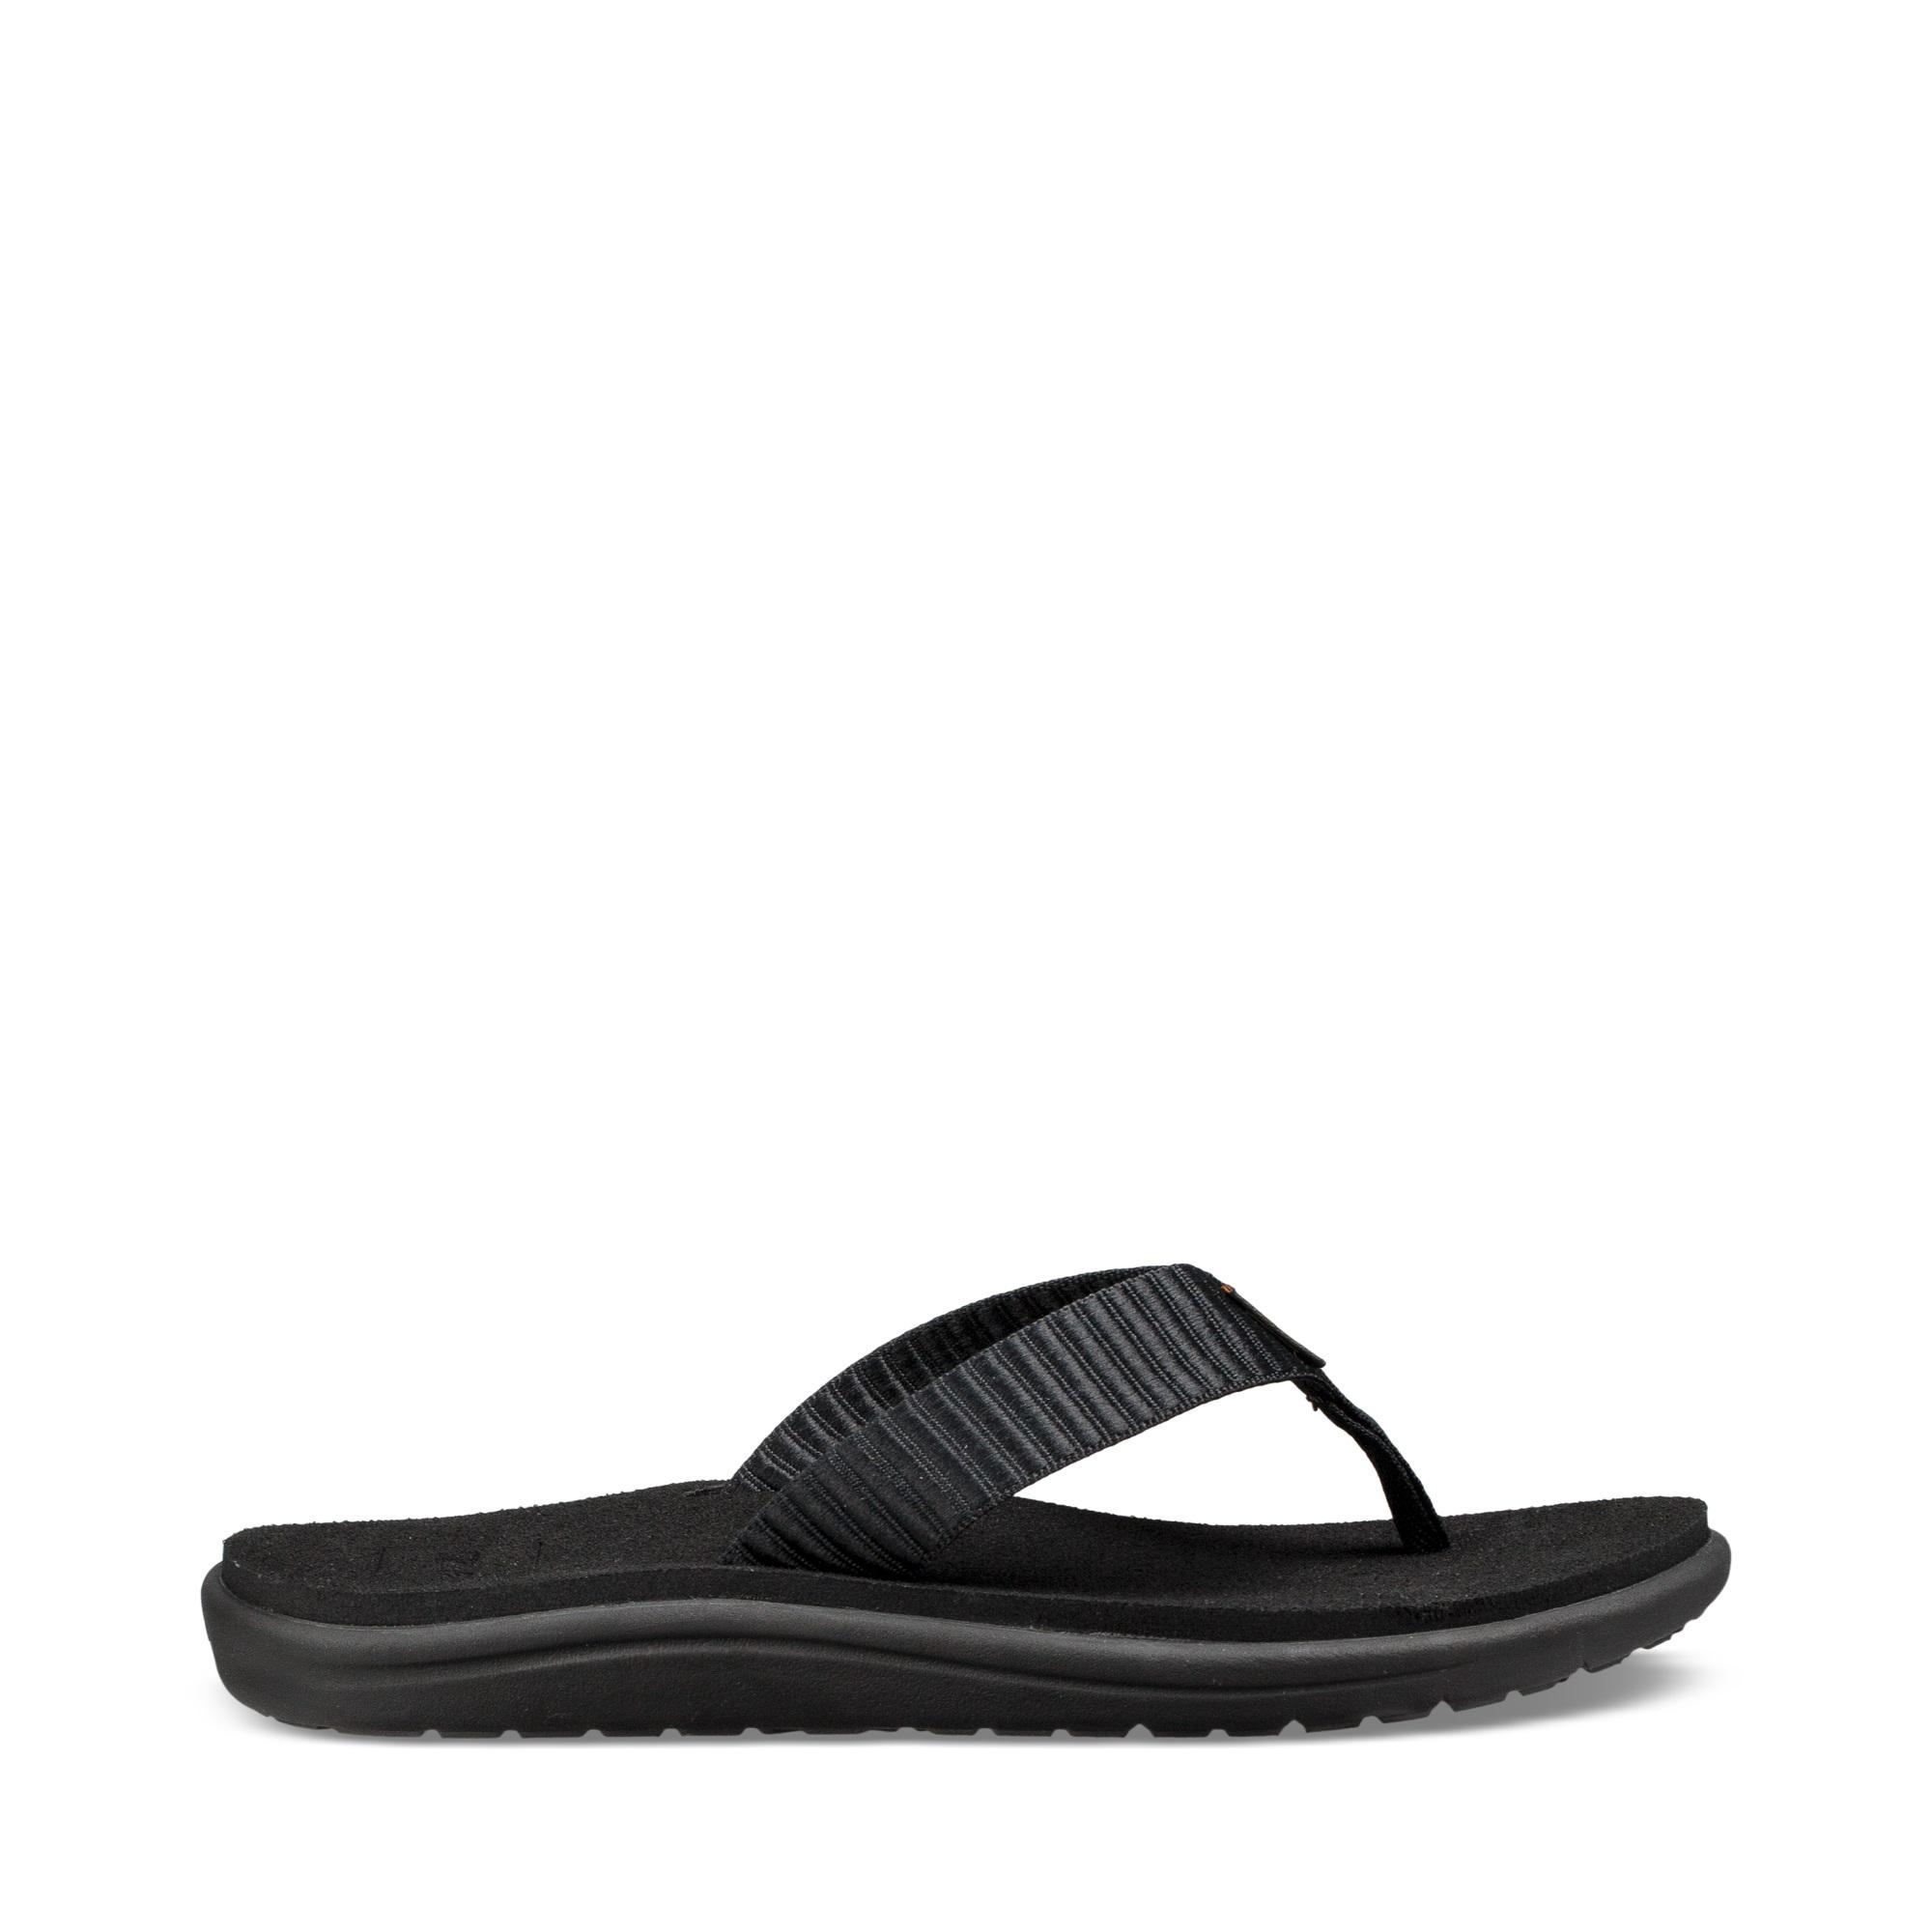 Teva W Voya Flip - Sandal til dame - Sort | Shoes and overlays